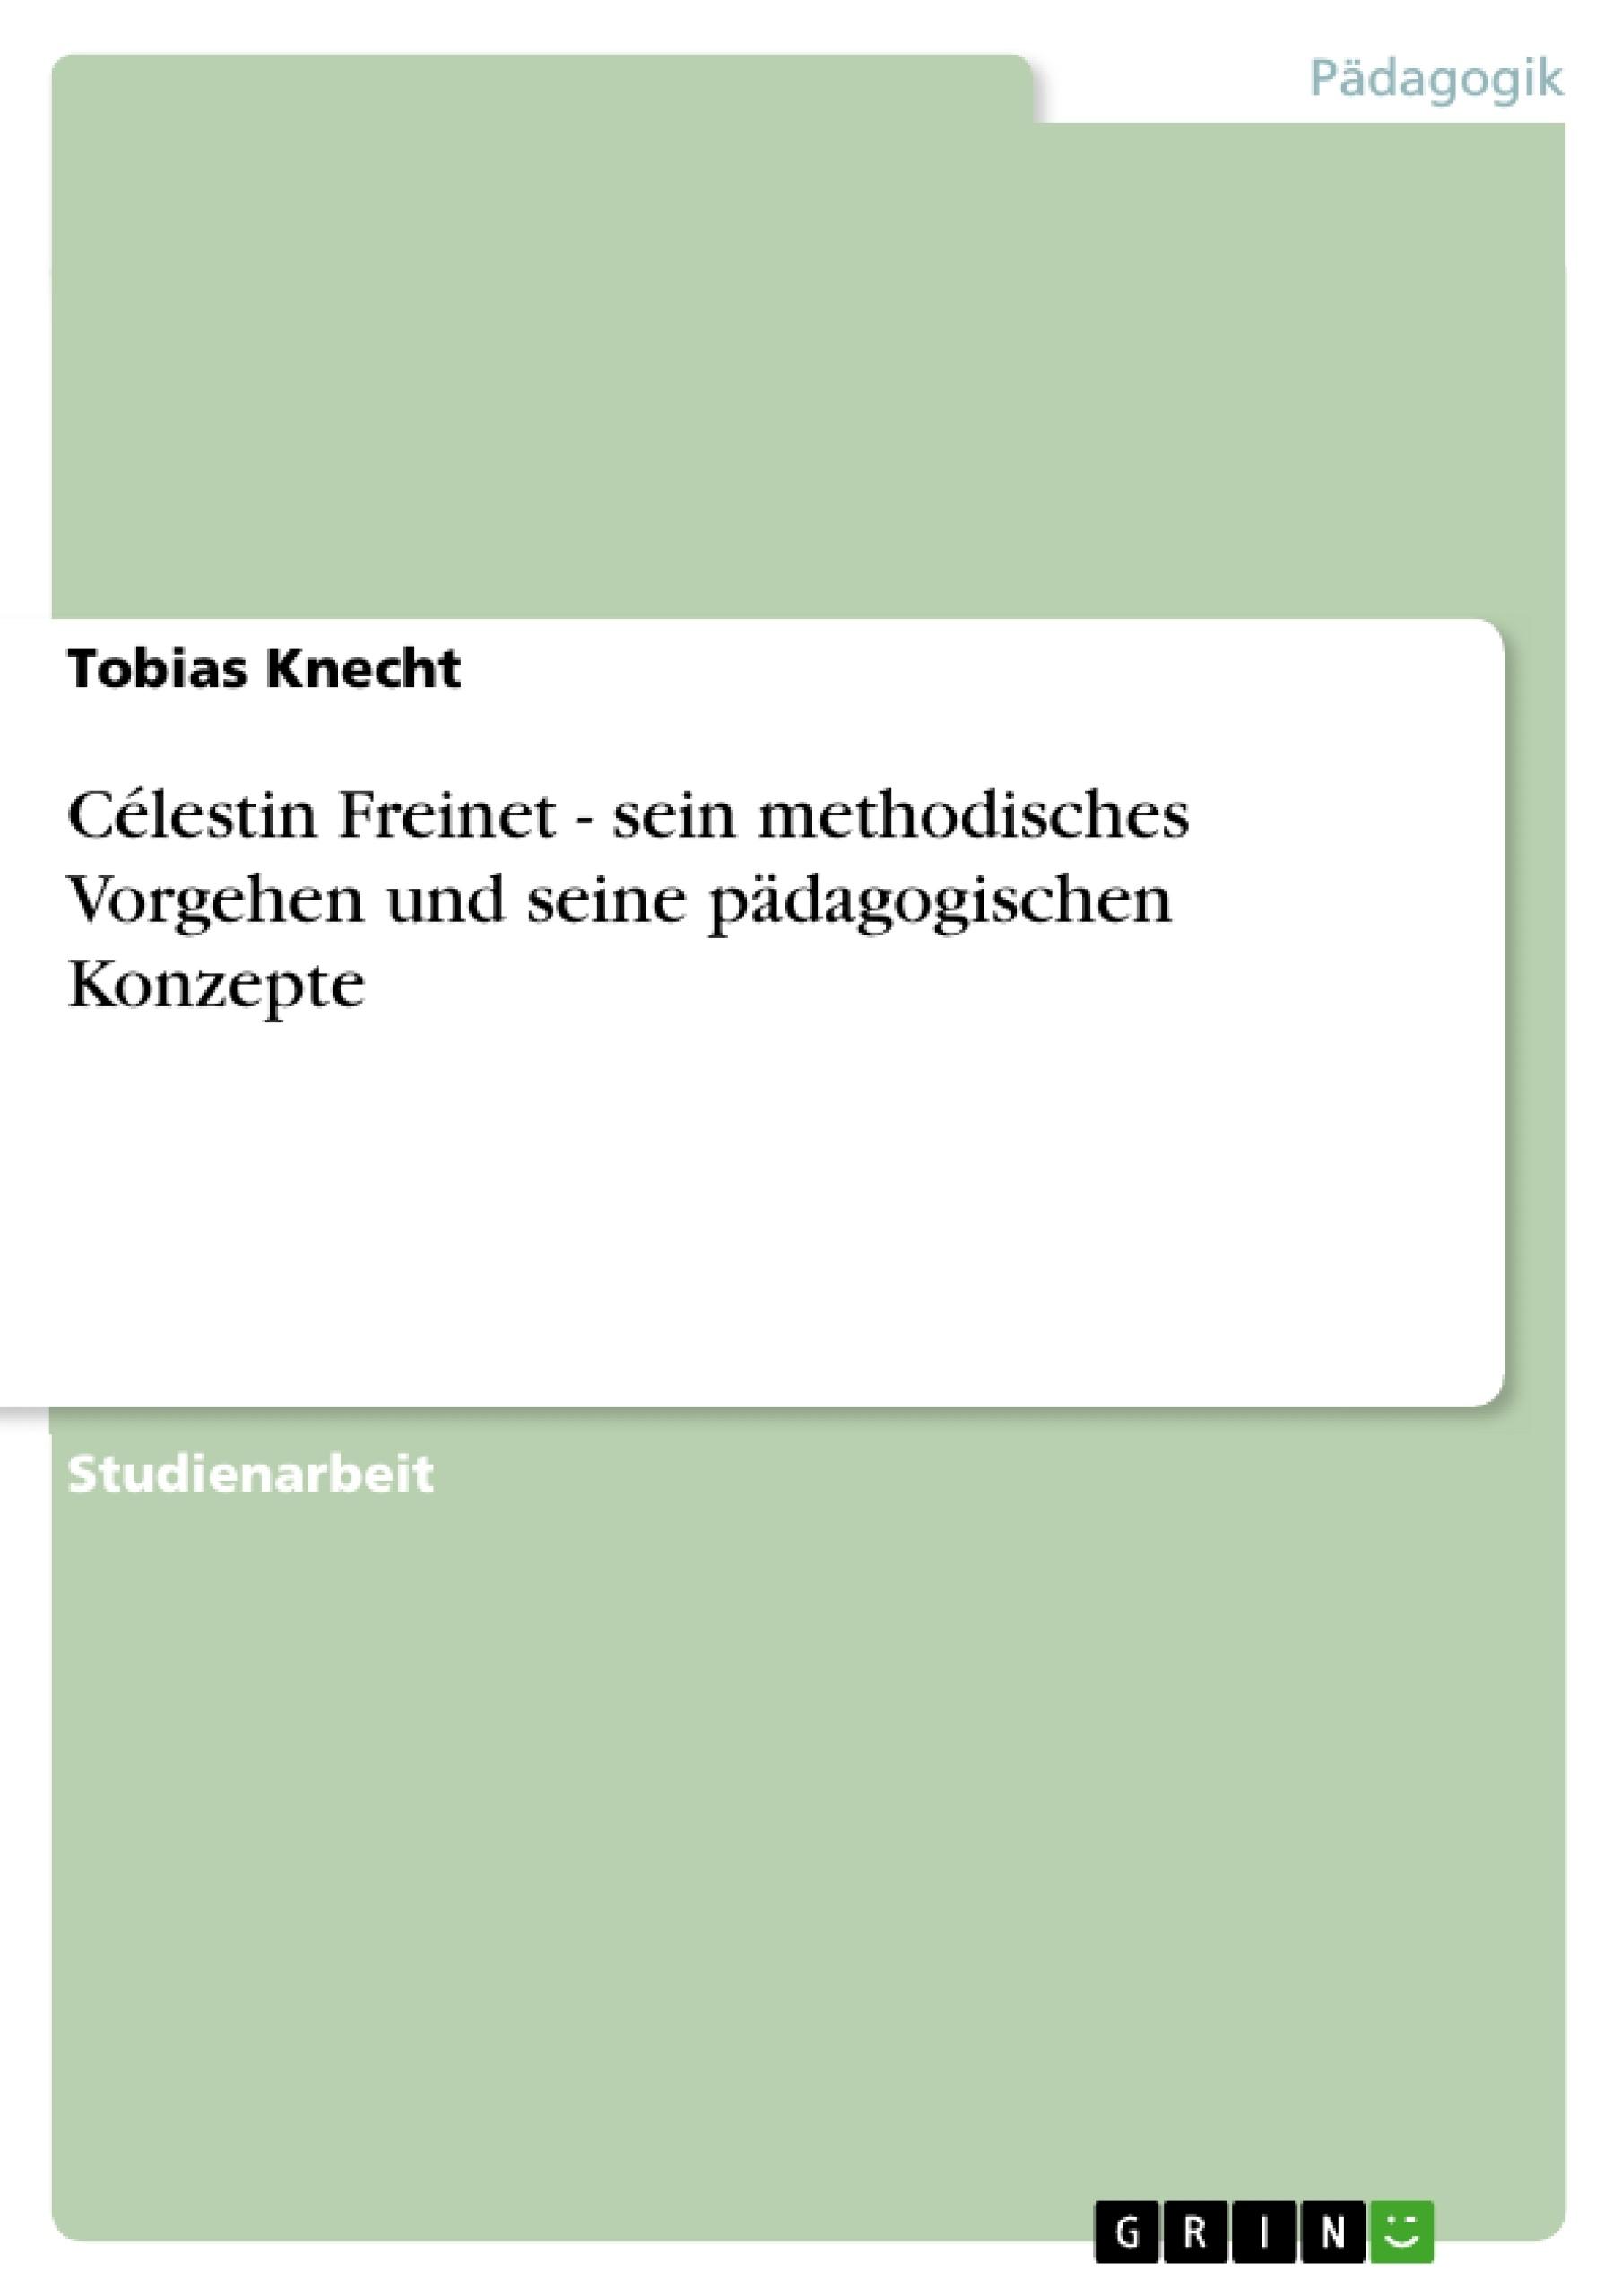 Titel: Célestin Freinet - sein methodisches Vorgehen und seine pädagogischen Konzepte